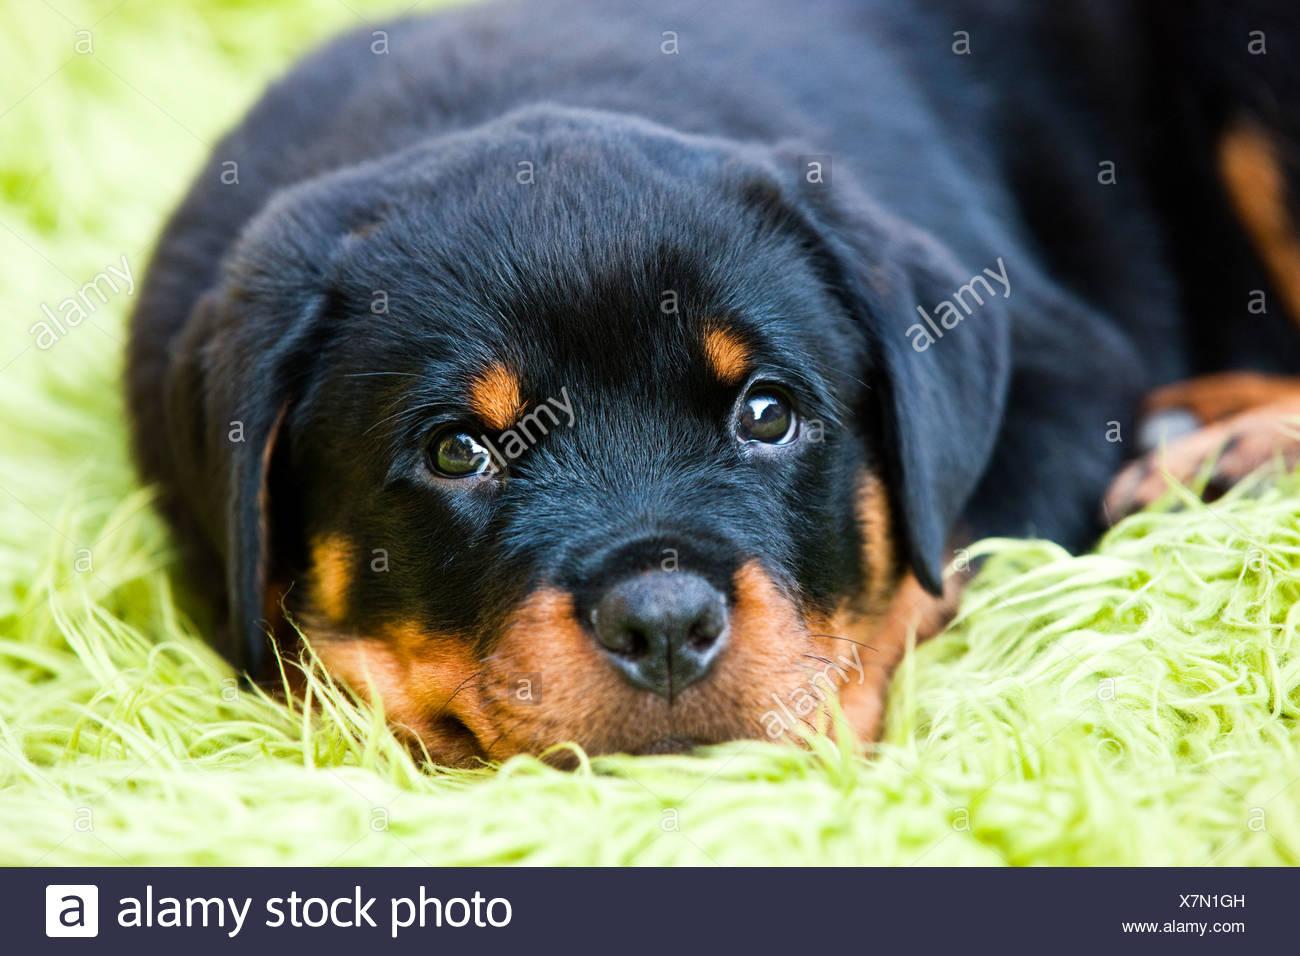 Rottweiler Puppy Dog Lying In A Dog Bed North Tyrol Austria